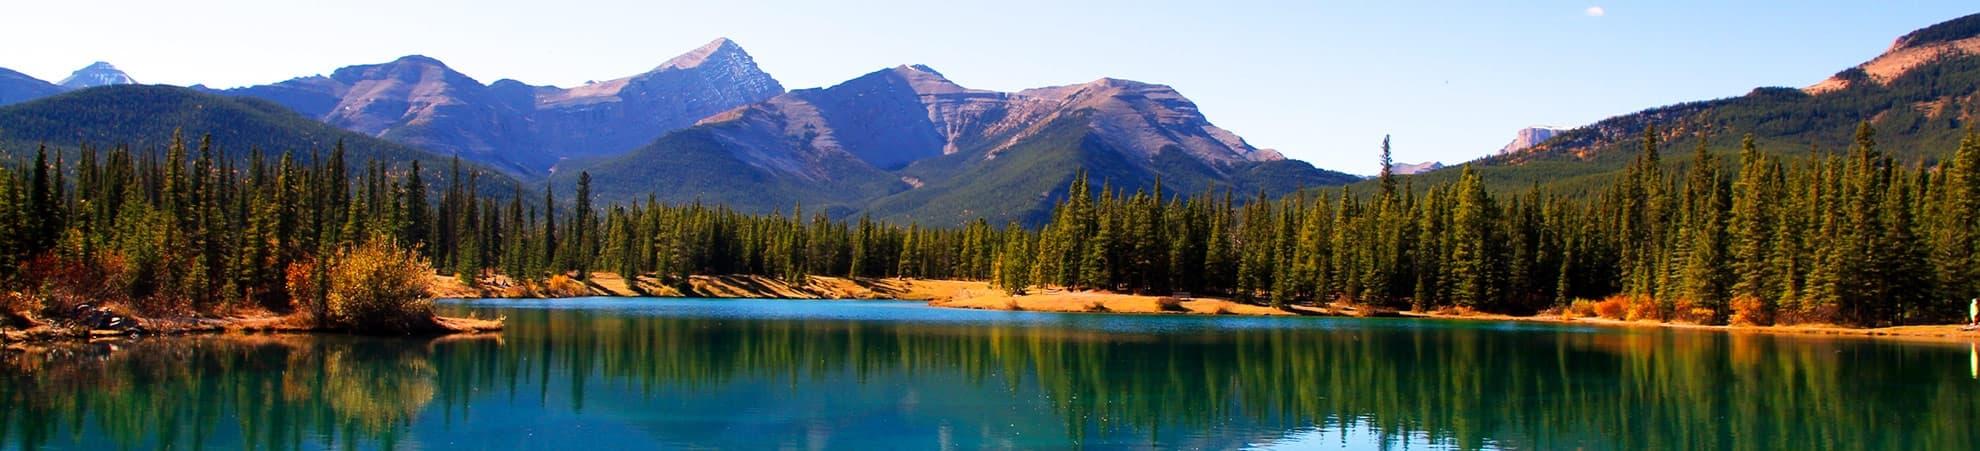 Voyage Lac Moreau